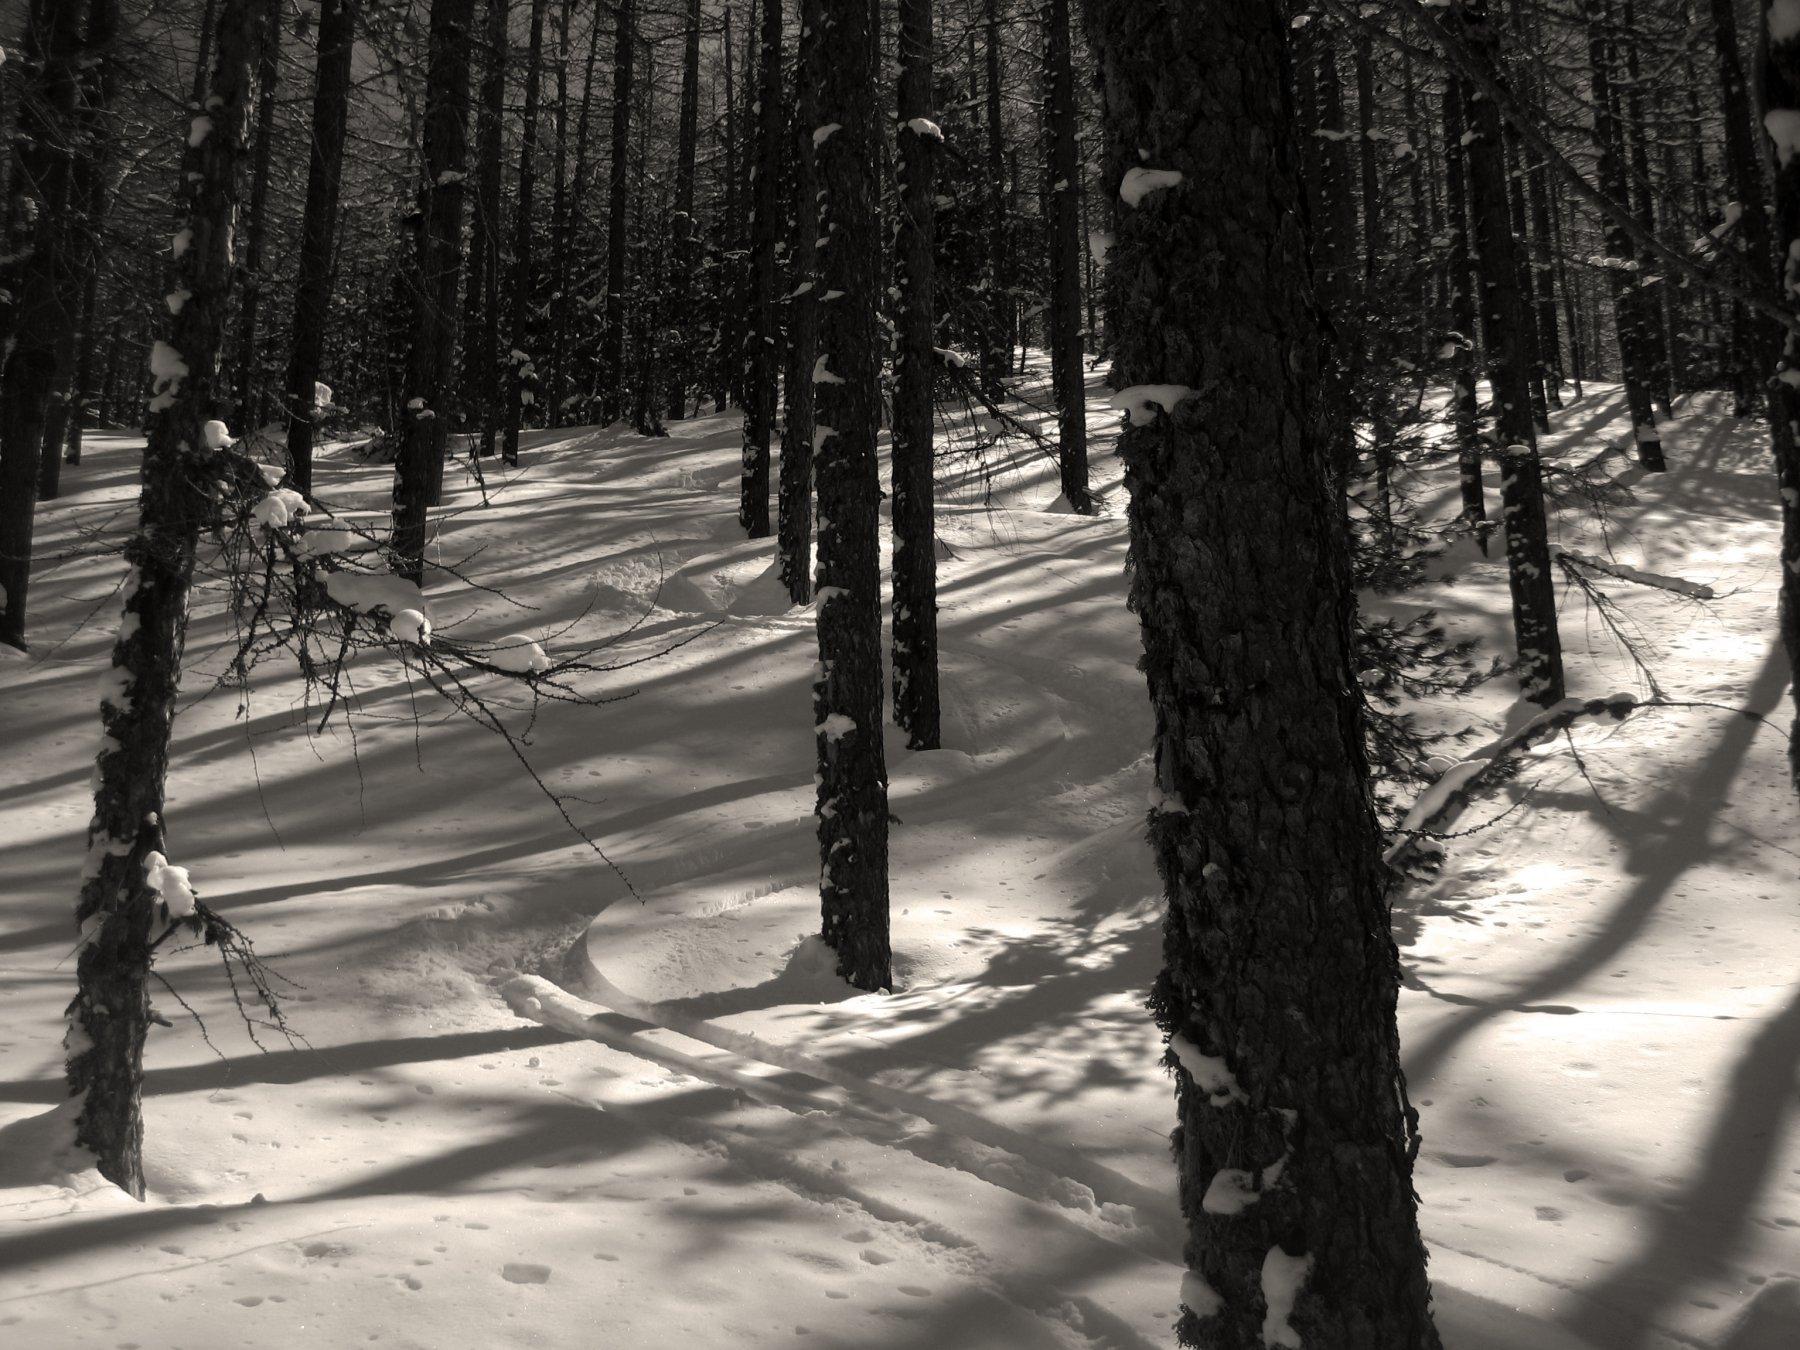 bello anche il bosco